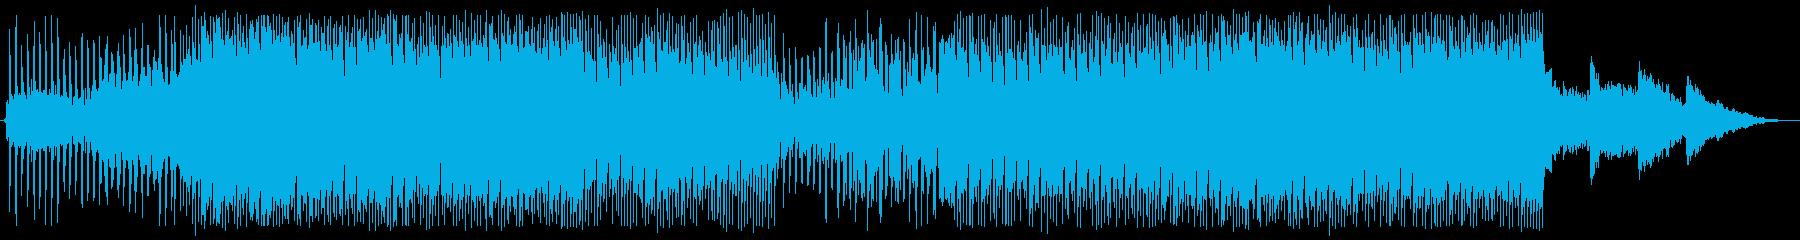 疾走感のあるSynthWaveの再生済みの波形